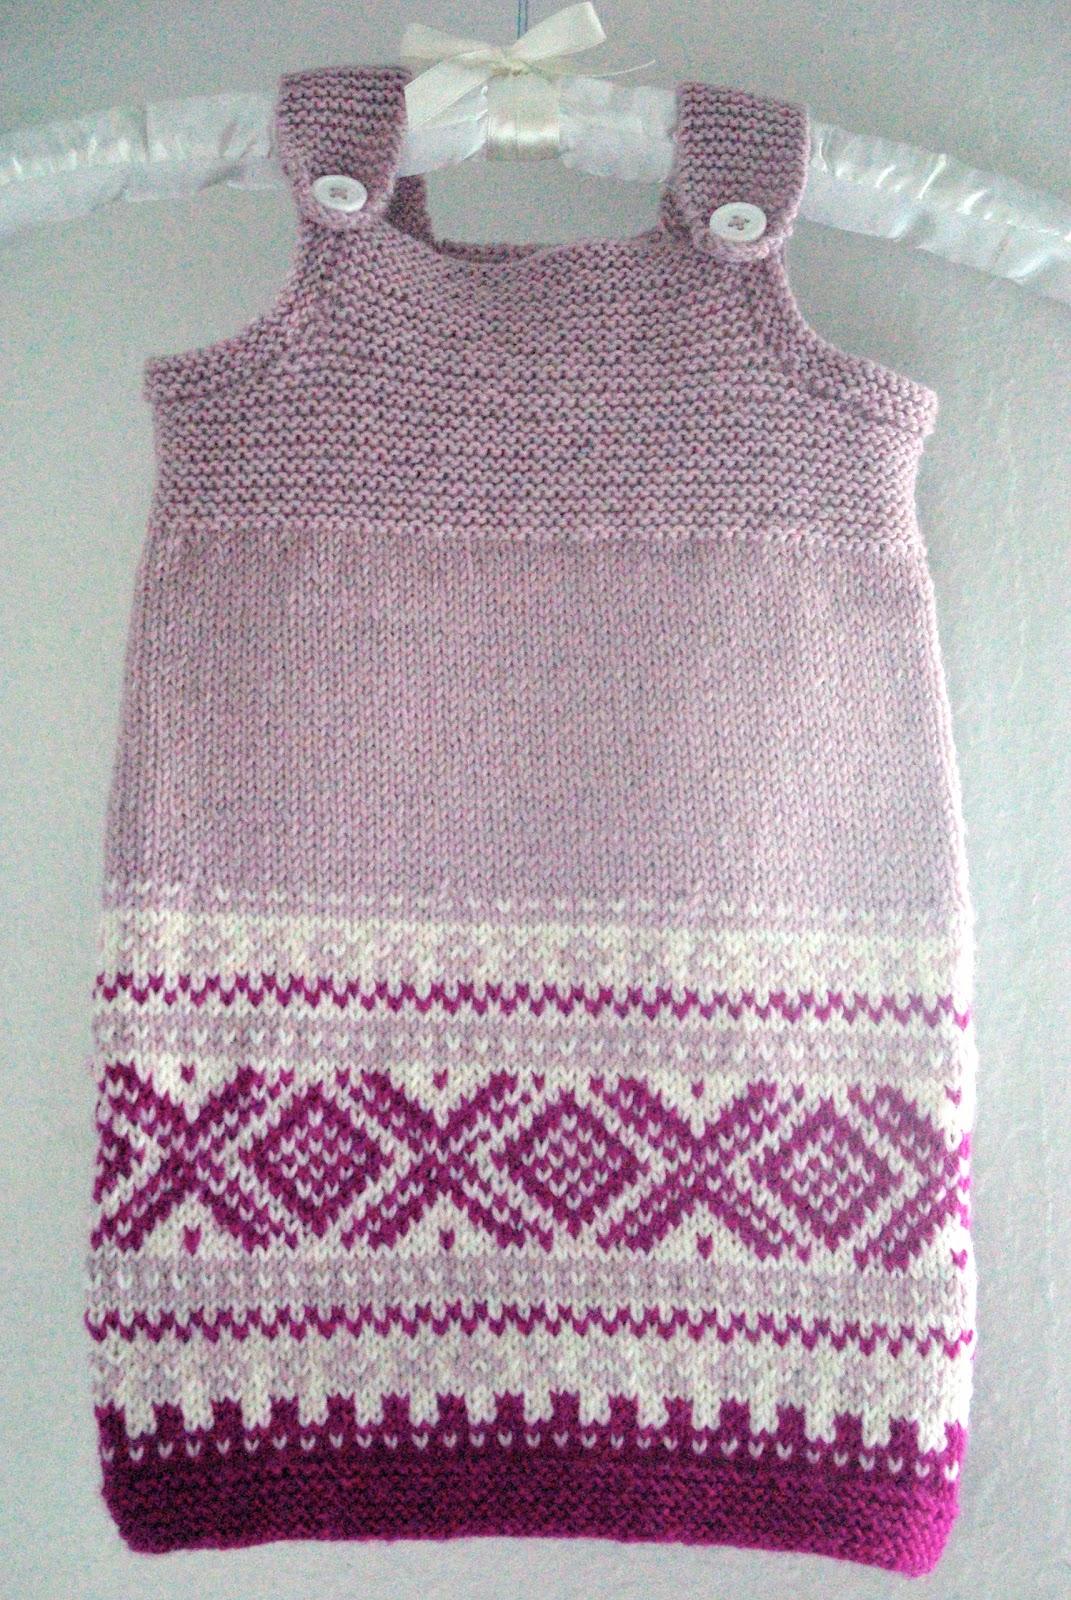 strikkeoppskrift barn kjole kåpe